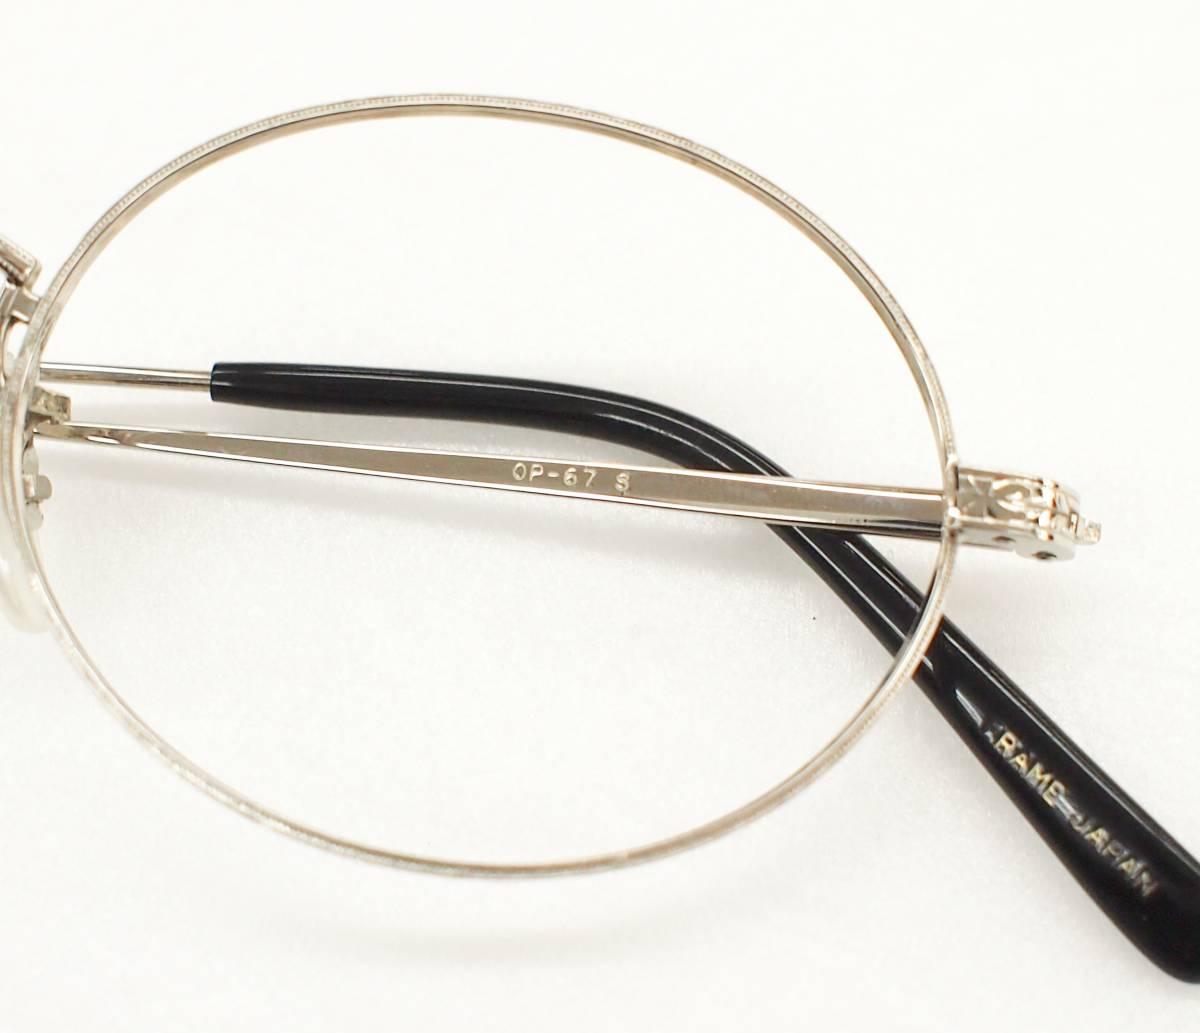 クリップオン付き OLIVER PEOPLES オリバーピープルズ OP-67 S 眼鏡 サングラス_画像3